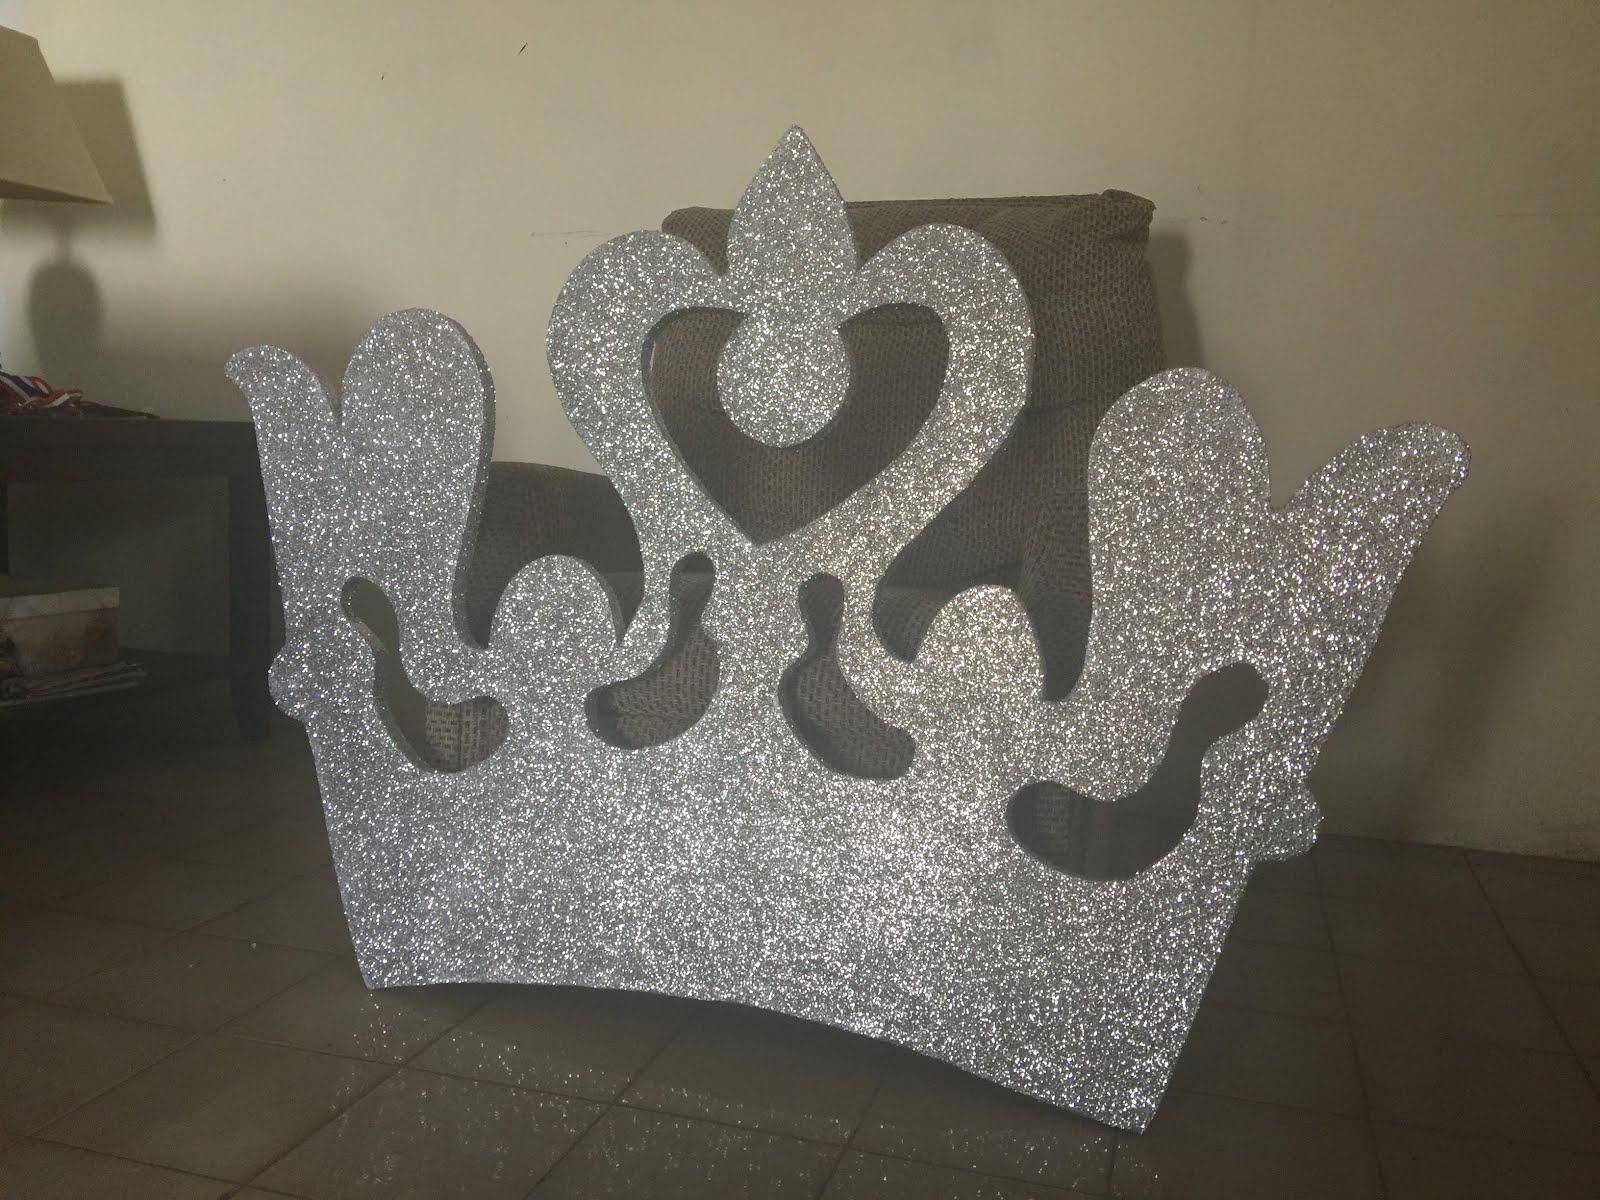 Corona de tres pies en fon